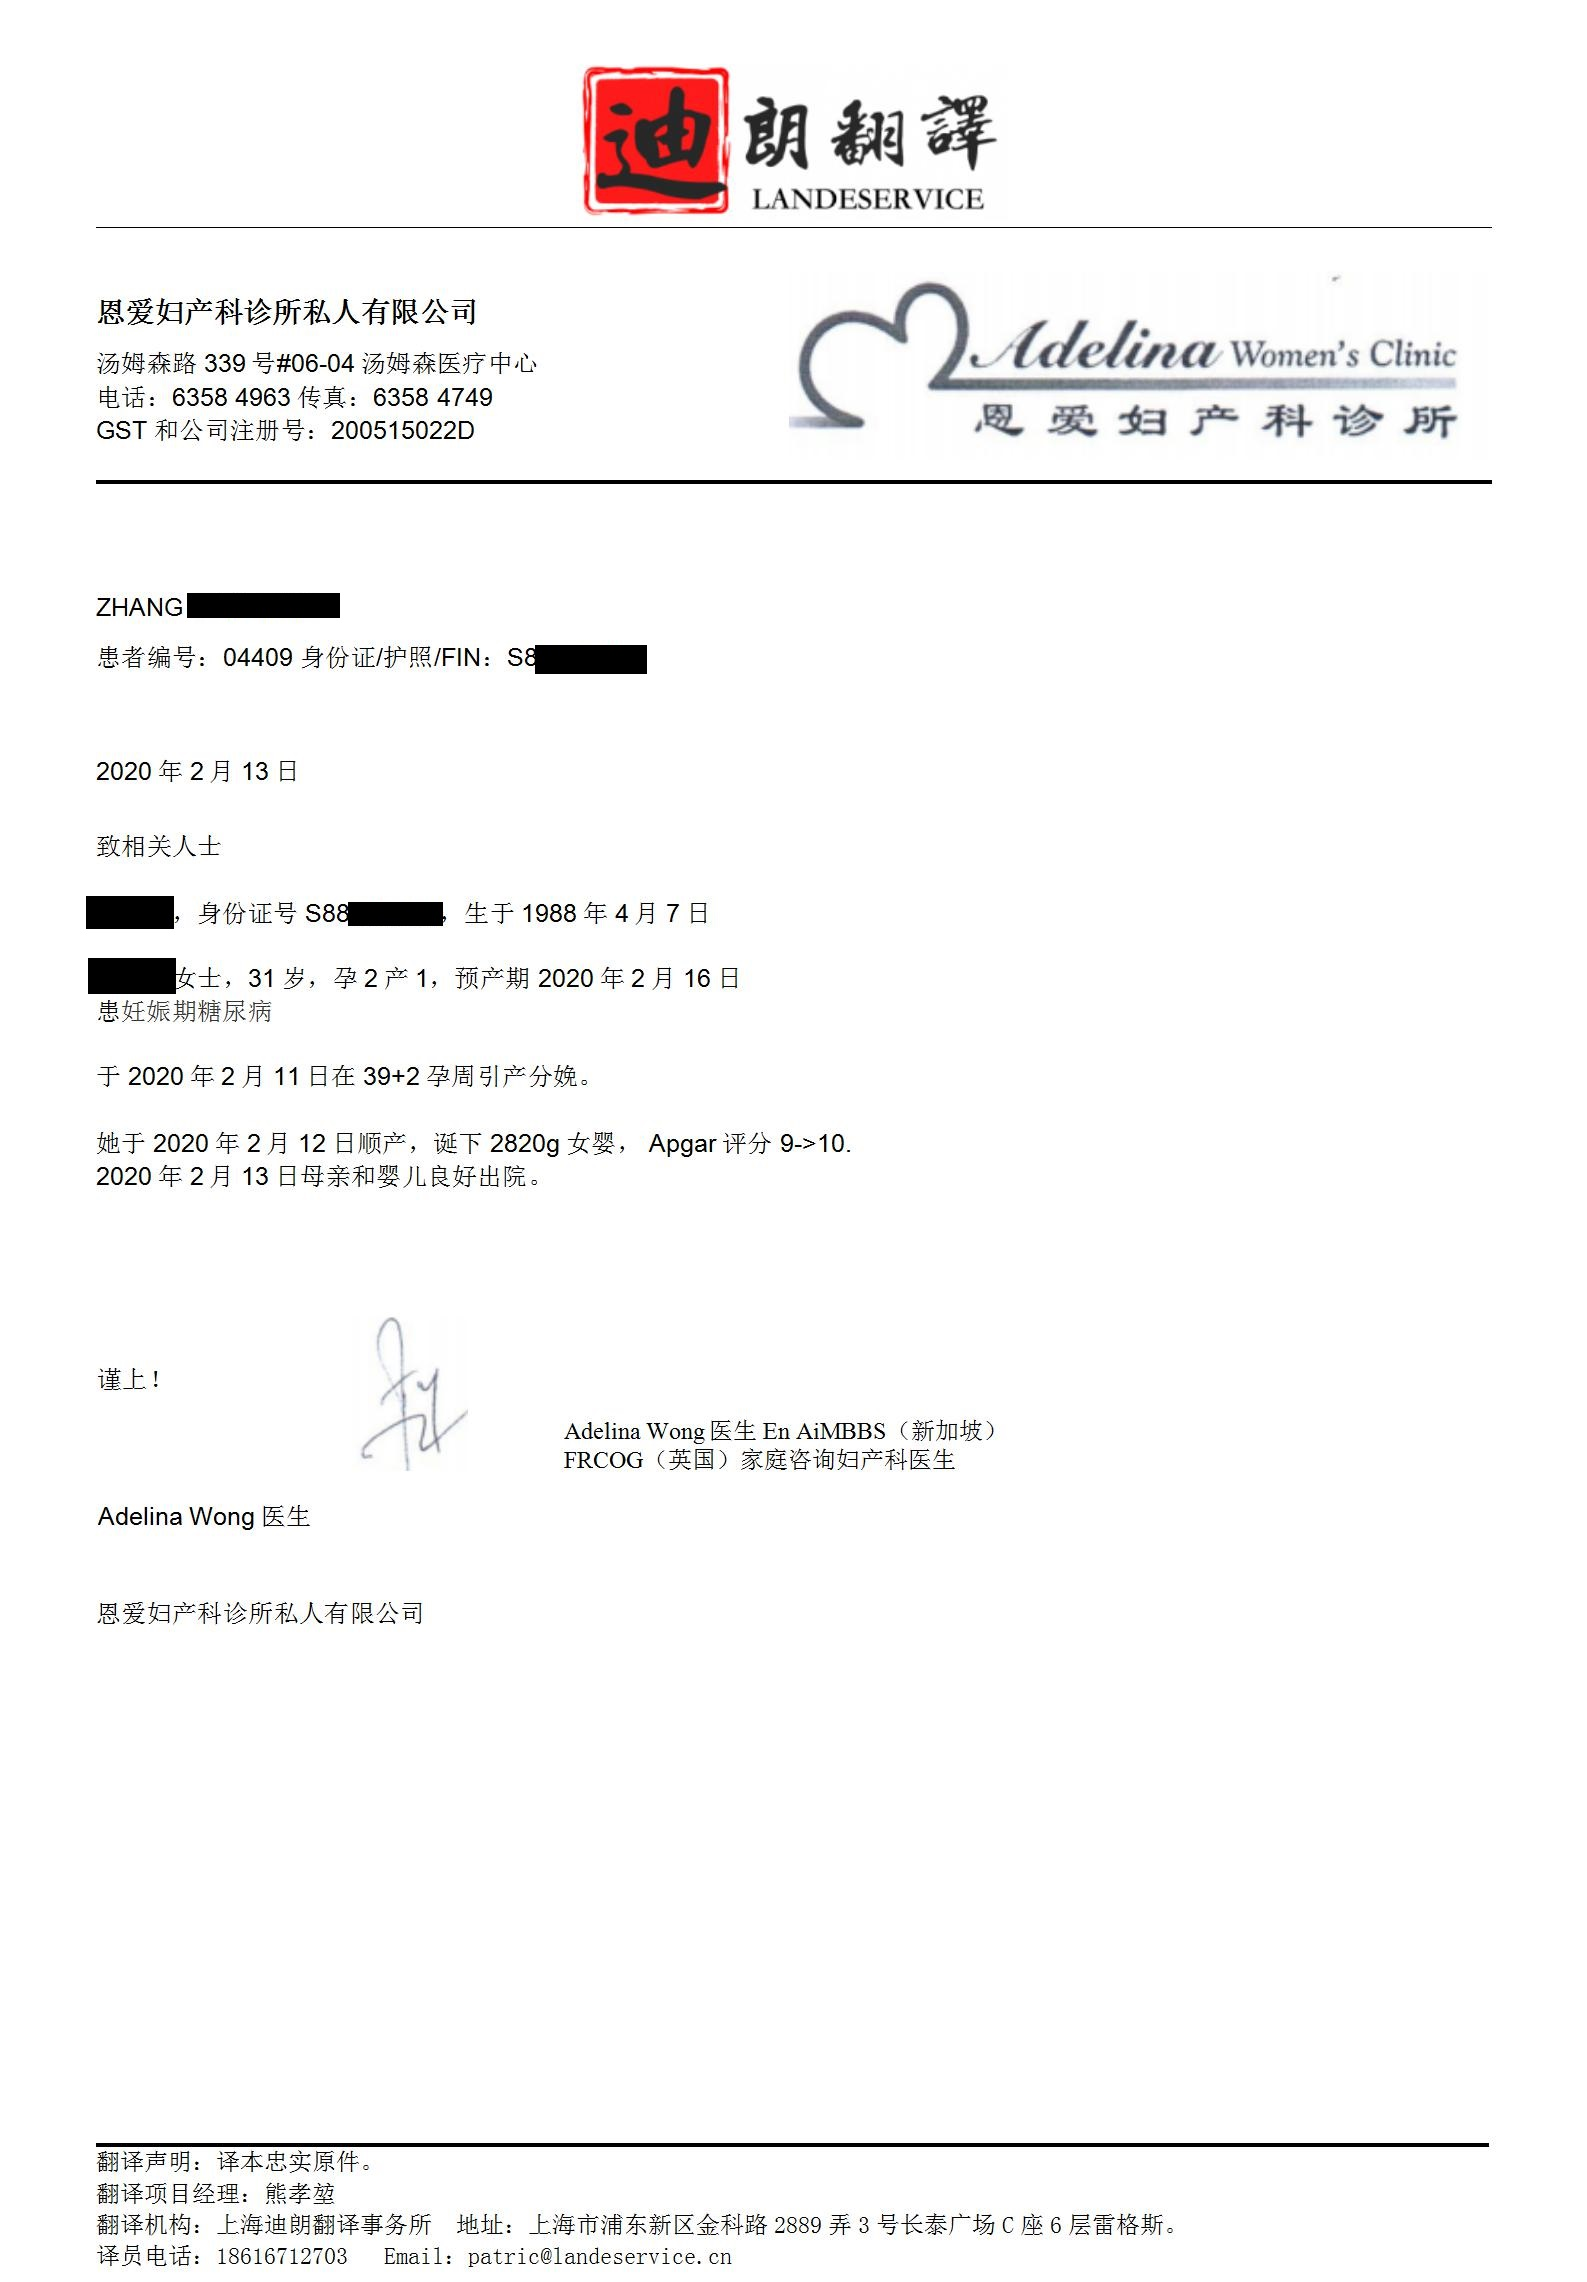 新加坡出院小结2 - 新加坡出院小结翻译认证盖章